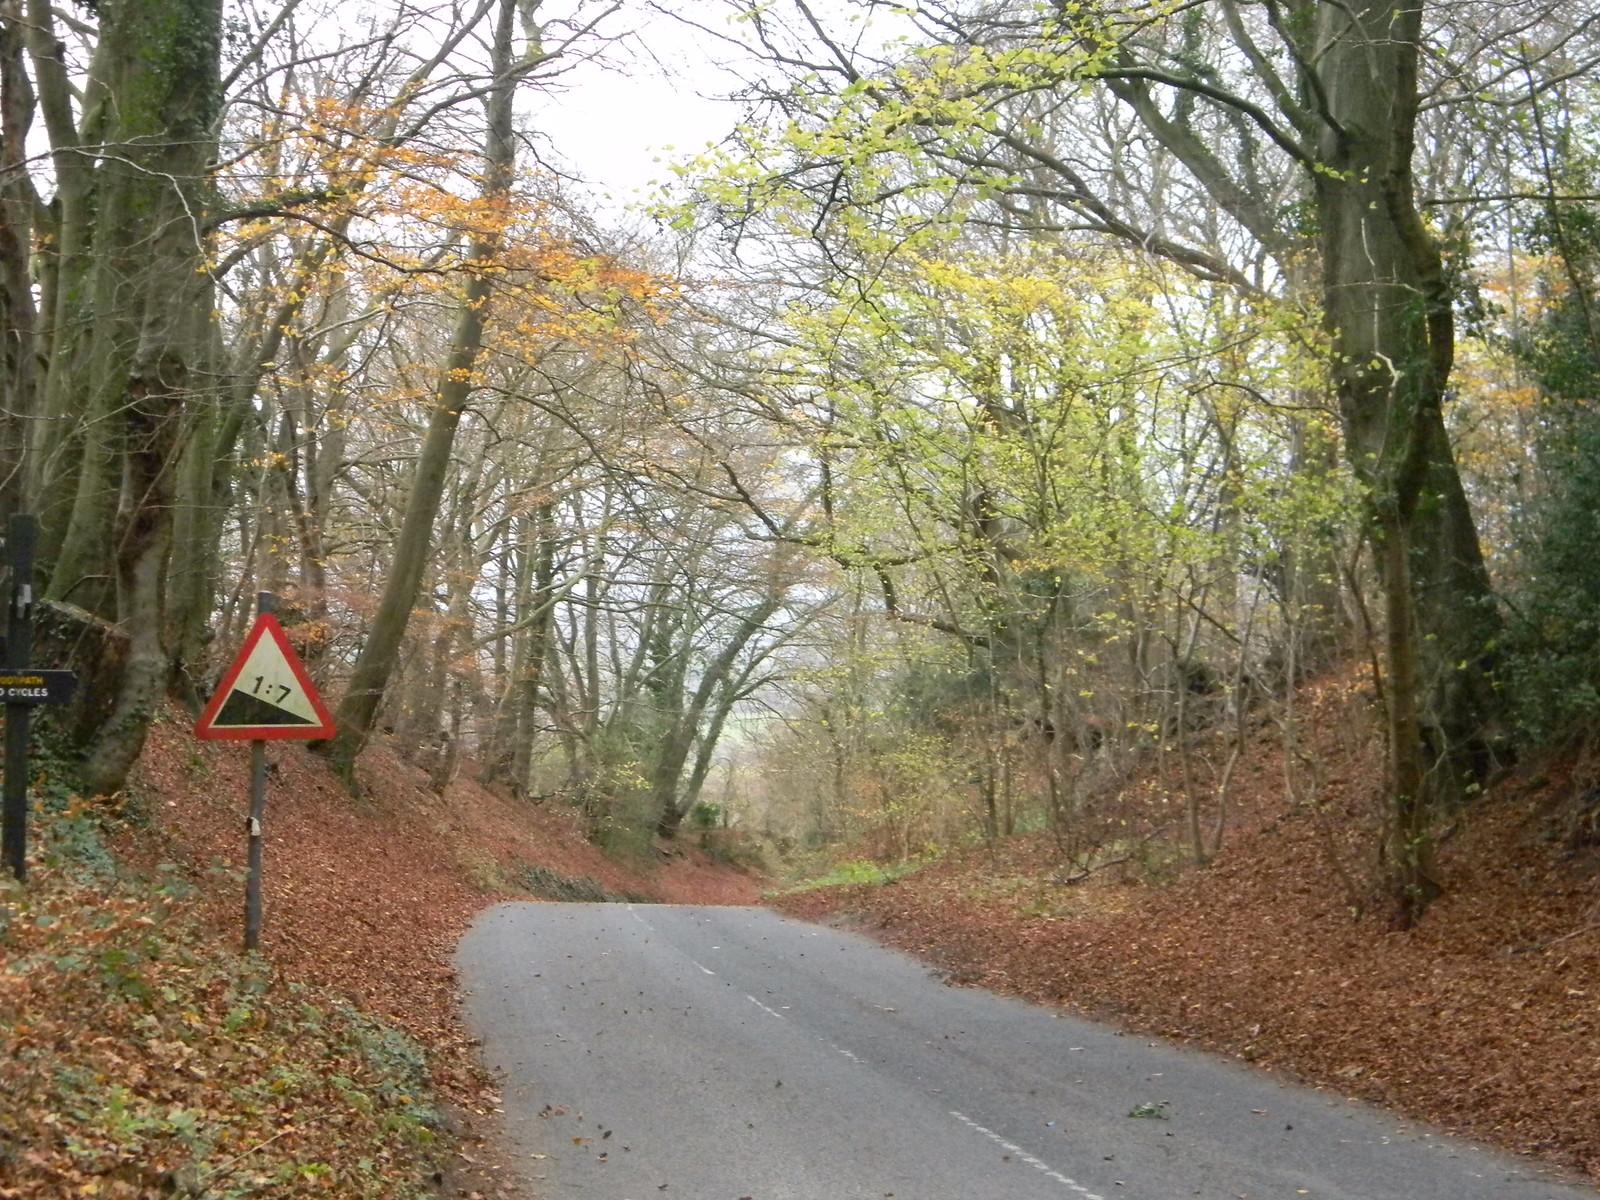 Crossing a road Princes Risborough to Wendover